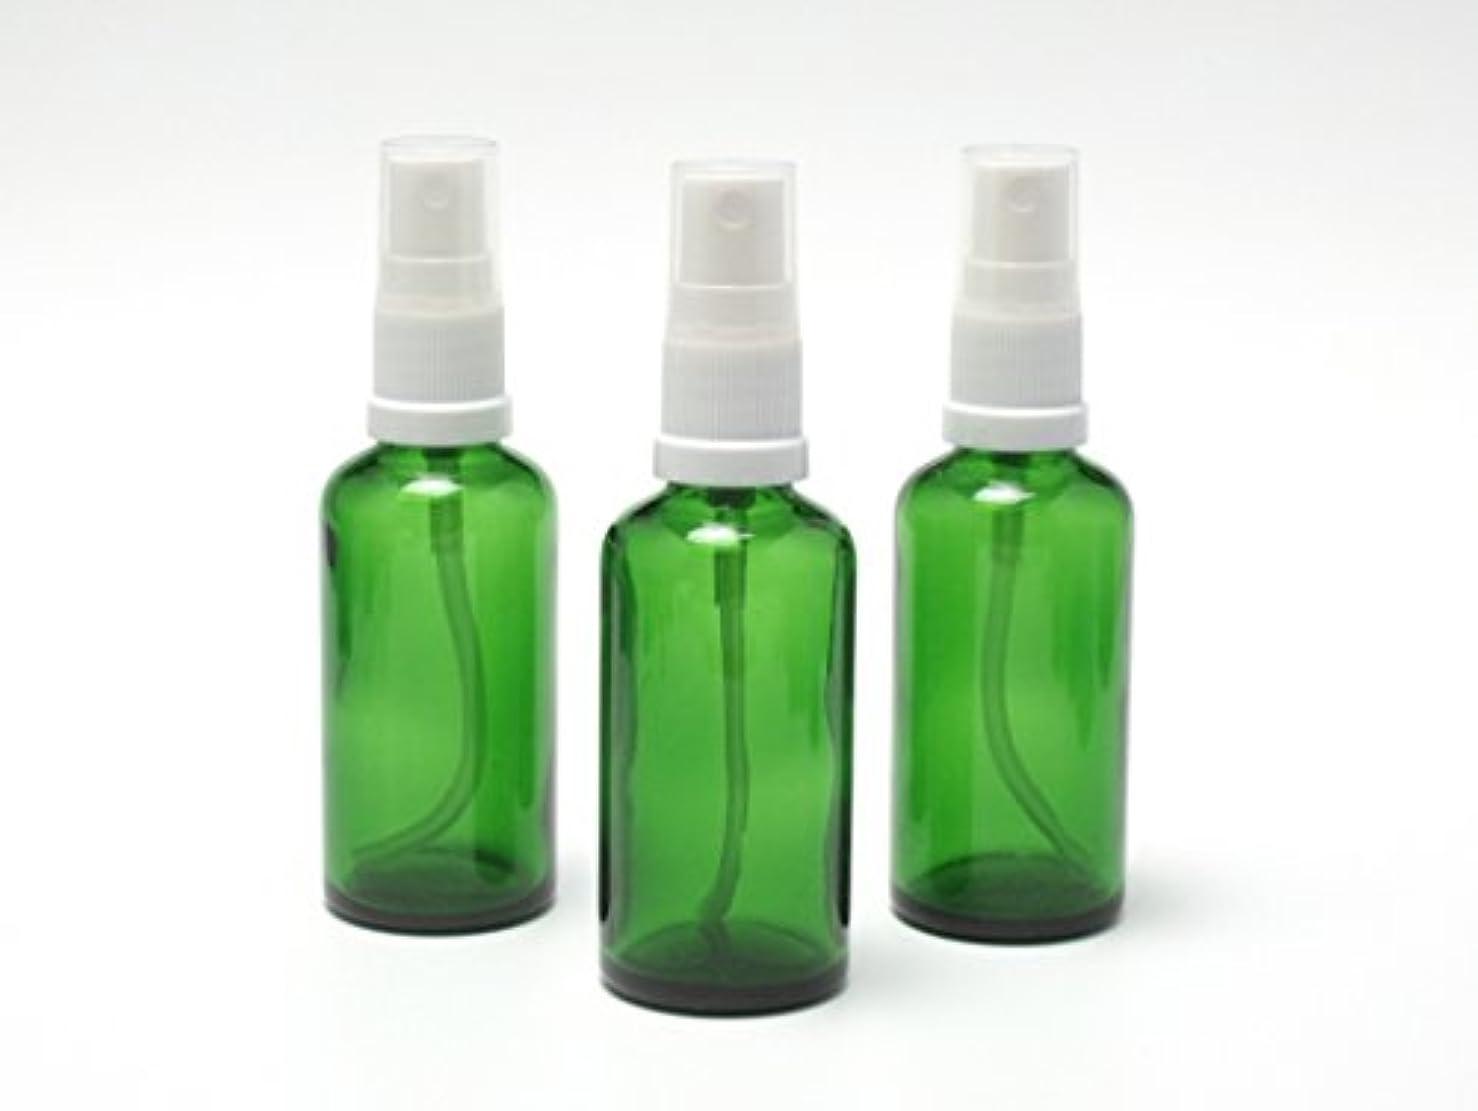 エコー鳩アレルギー遮光瓶 スプレーボトル (グラス/アトマイザー) 50ml グリーン ホワイトヘッド 3本セット 【 【新品】アウトレットセール 】